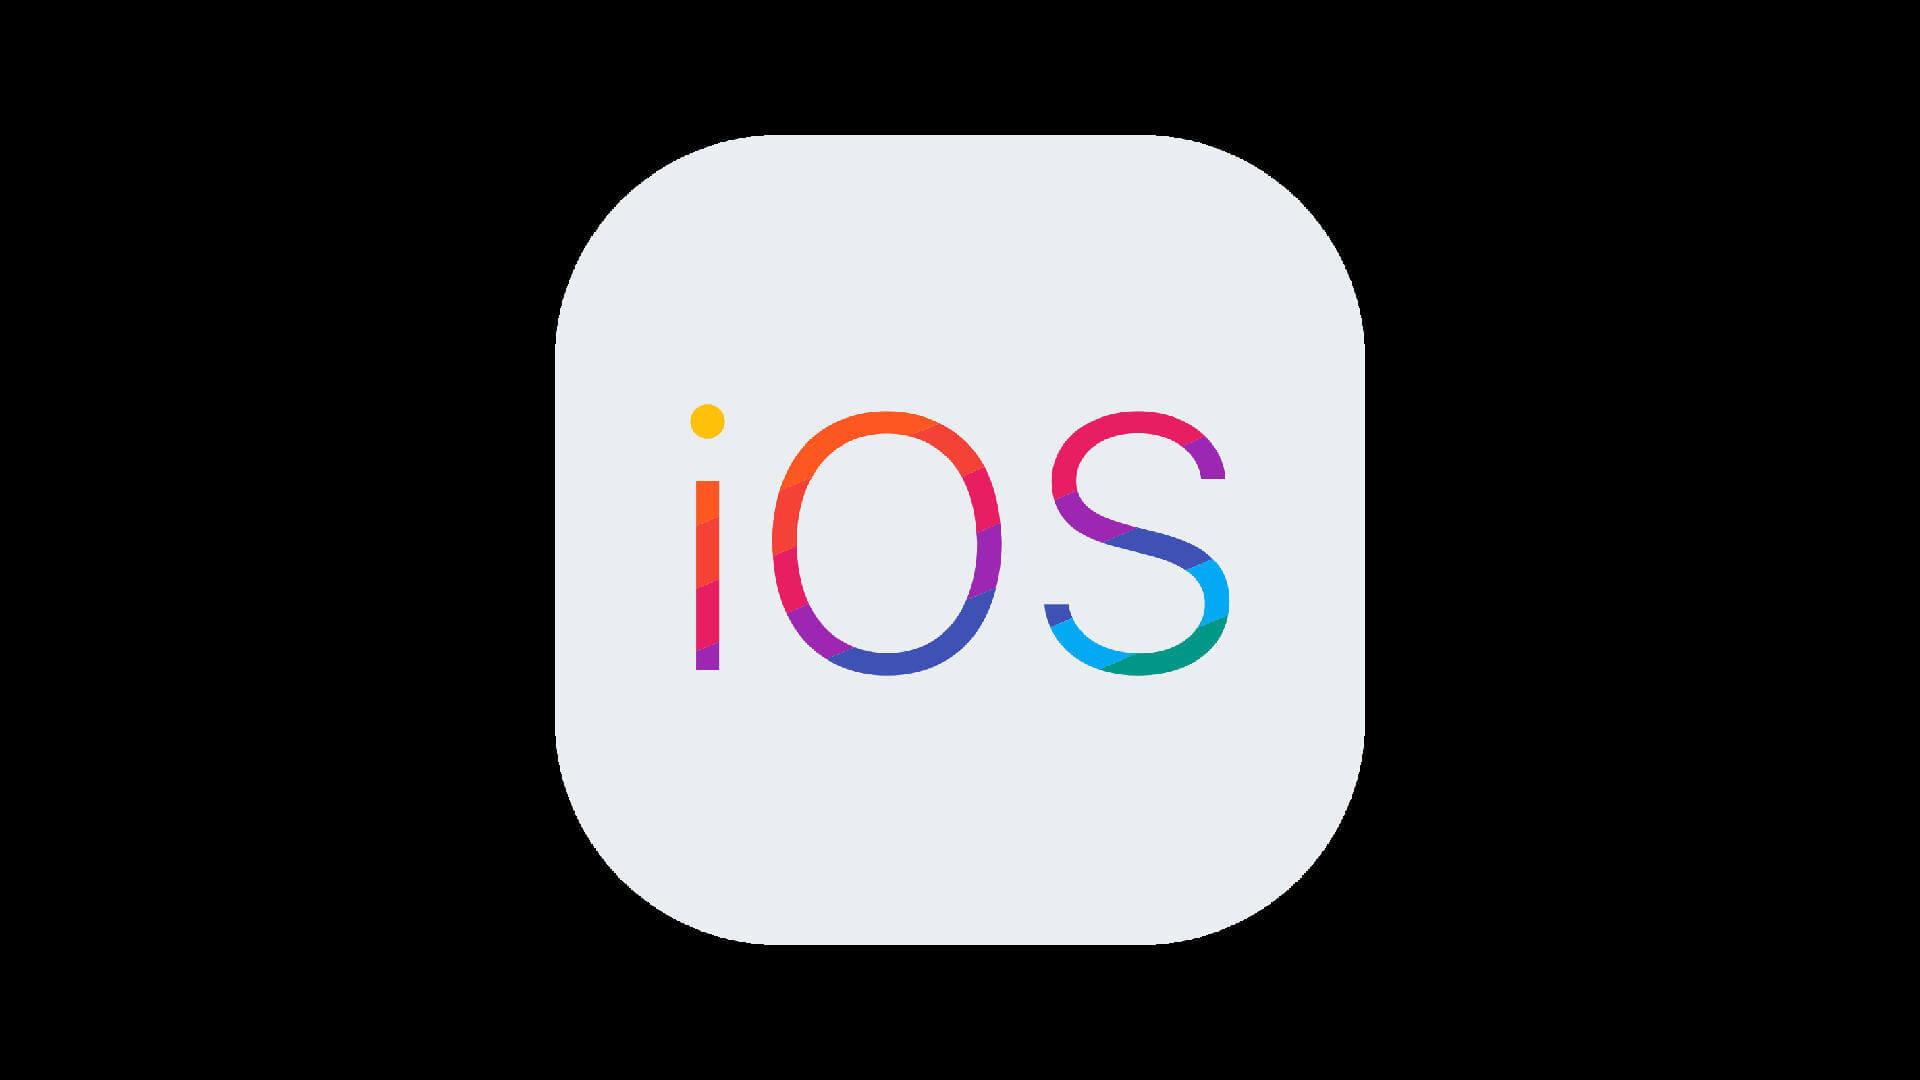 Como o ios 12 irá trazer seu iphone antigo de volta a vida. Com o lançamento do ios 12 cada vez mais próximo, que tal analisarmos o que ele trará de bom no quesito performance?